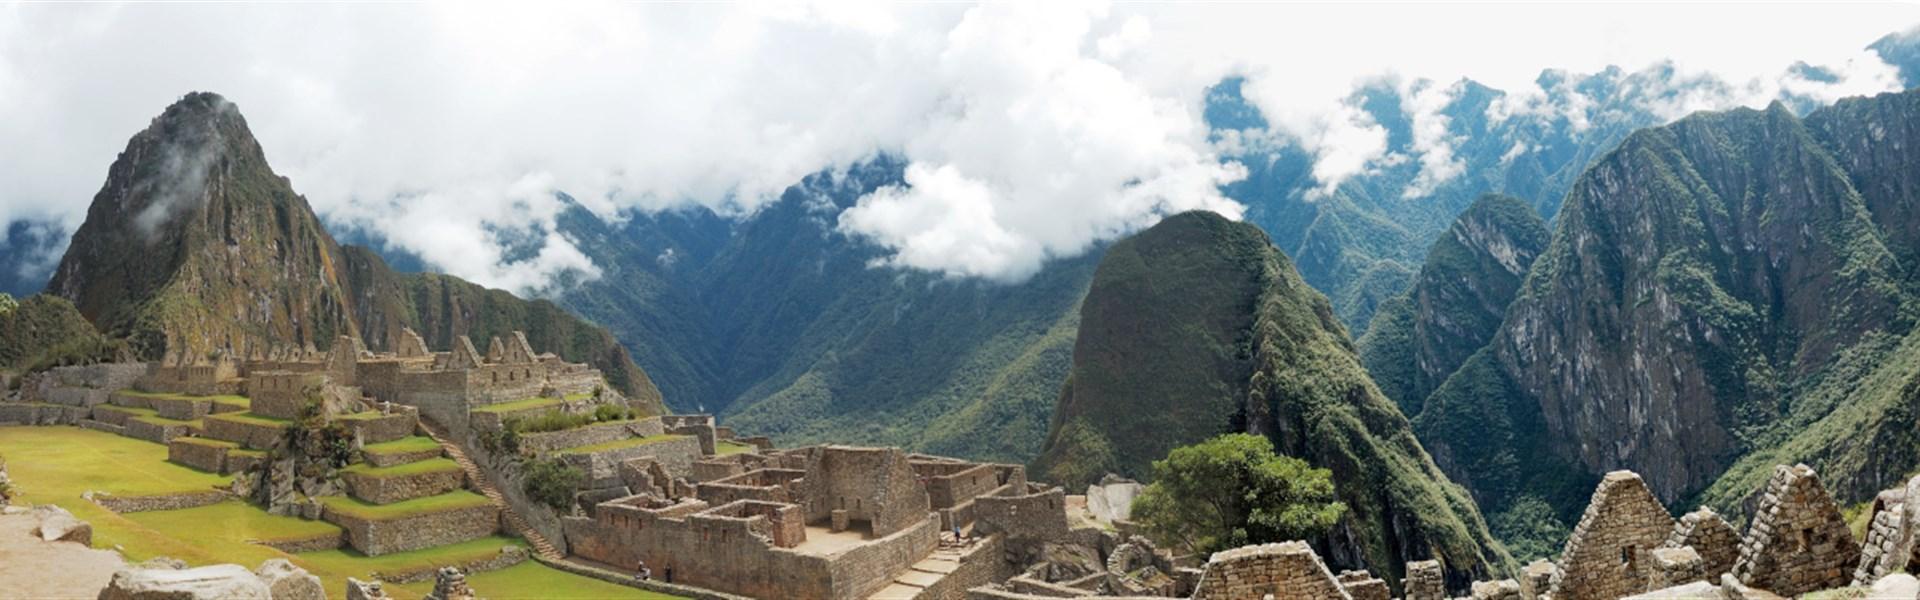 Peru: země Inků, legend a bohů - 14 dní s průvodcem -